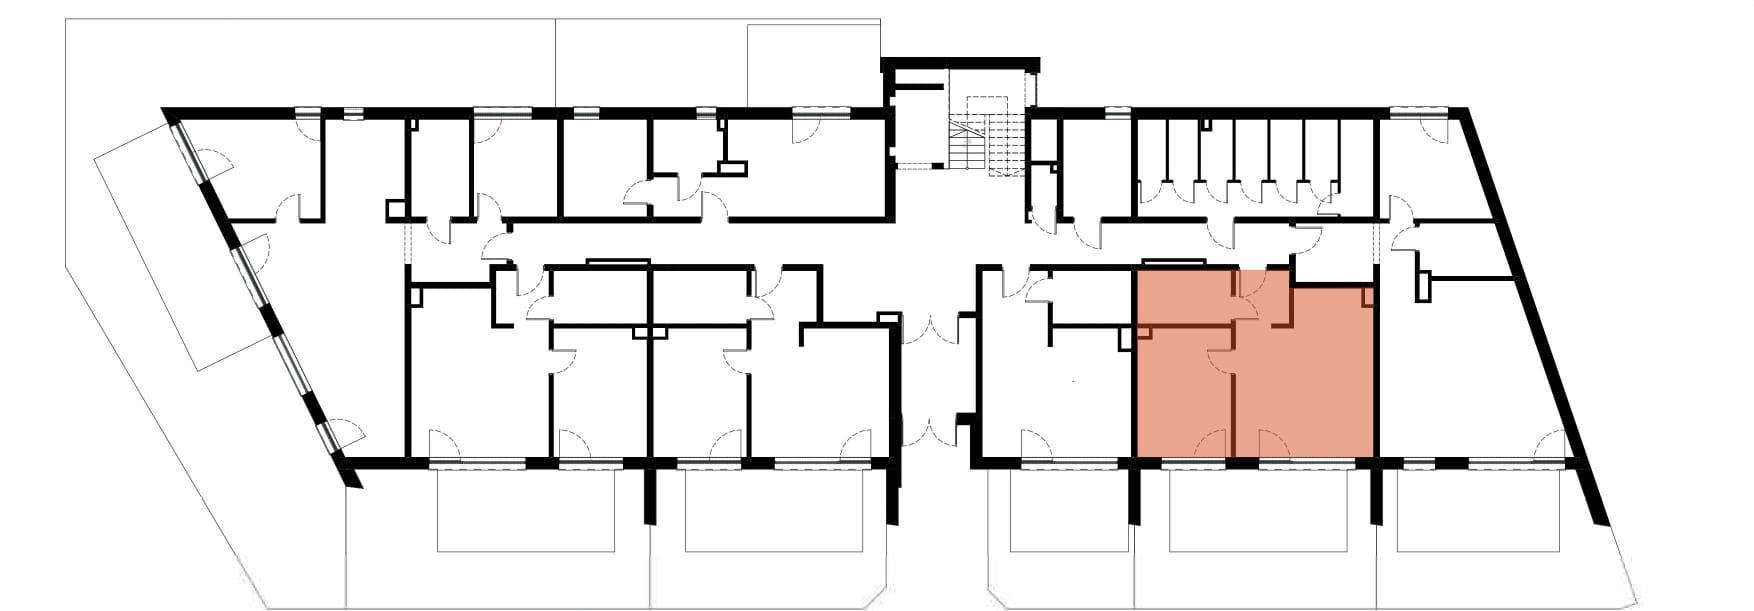 Apartamenty Kamienna / apartamenty inwestycyjne M02 rzut 2